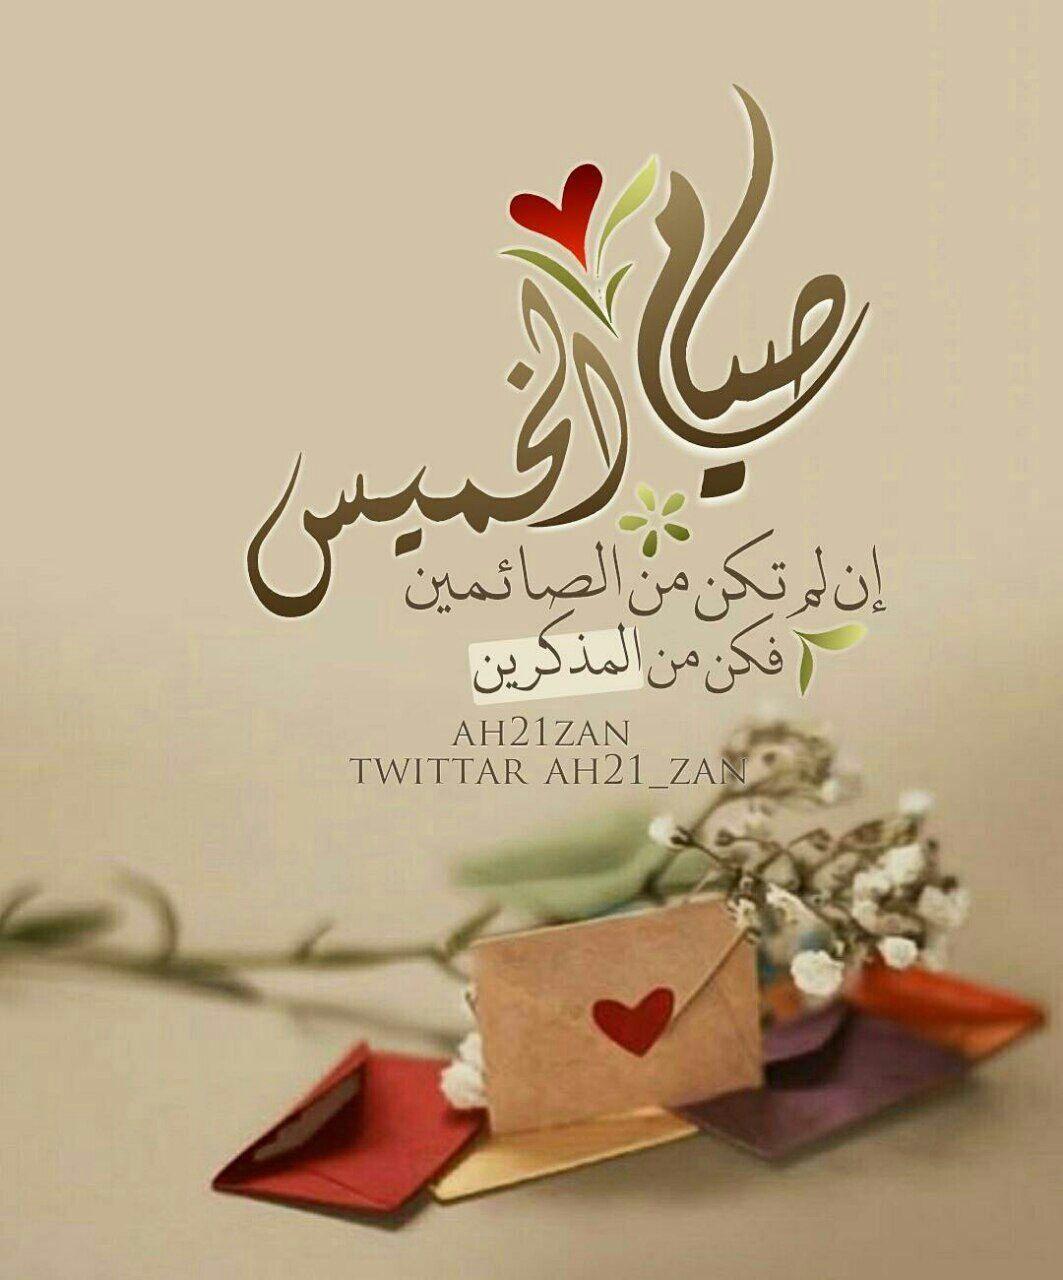 تذكير الغنيمة الباردة الصوم في الشتاء تذكير بـ صيام الخميس فإن لم تكن من الصائمين فكن من المذكرين واحتس Ramadan Gifts Place Card Holders Gifts